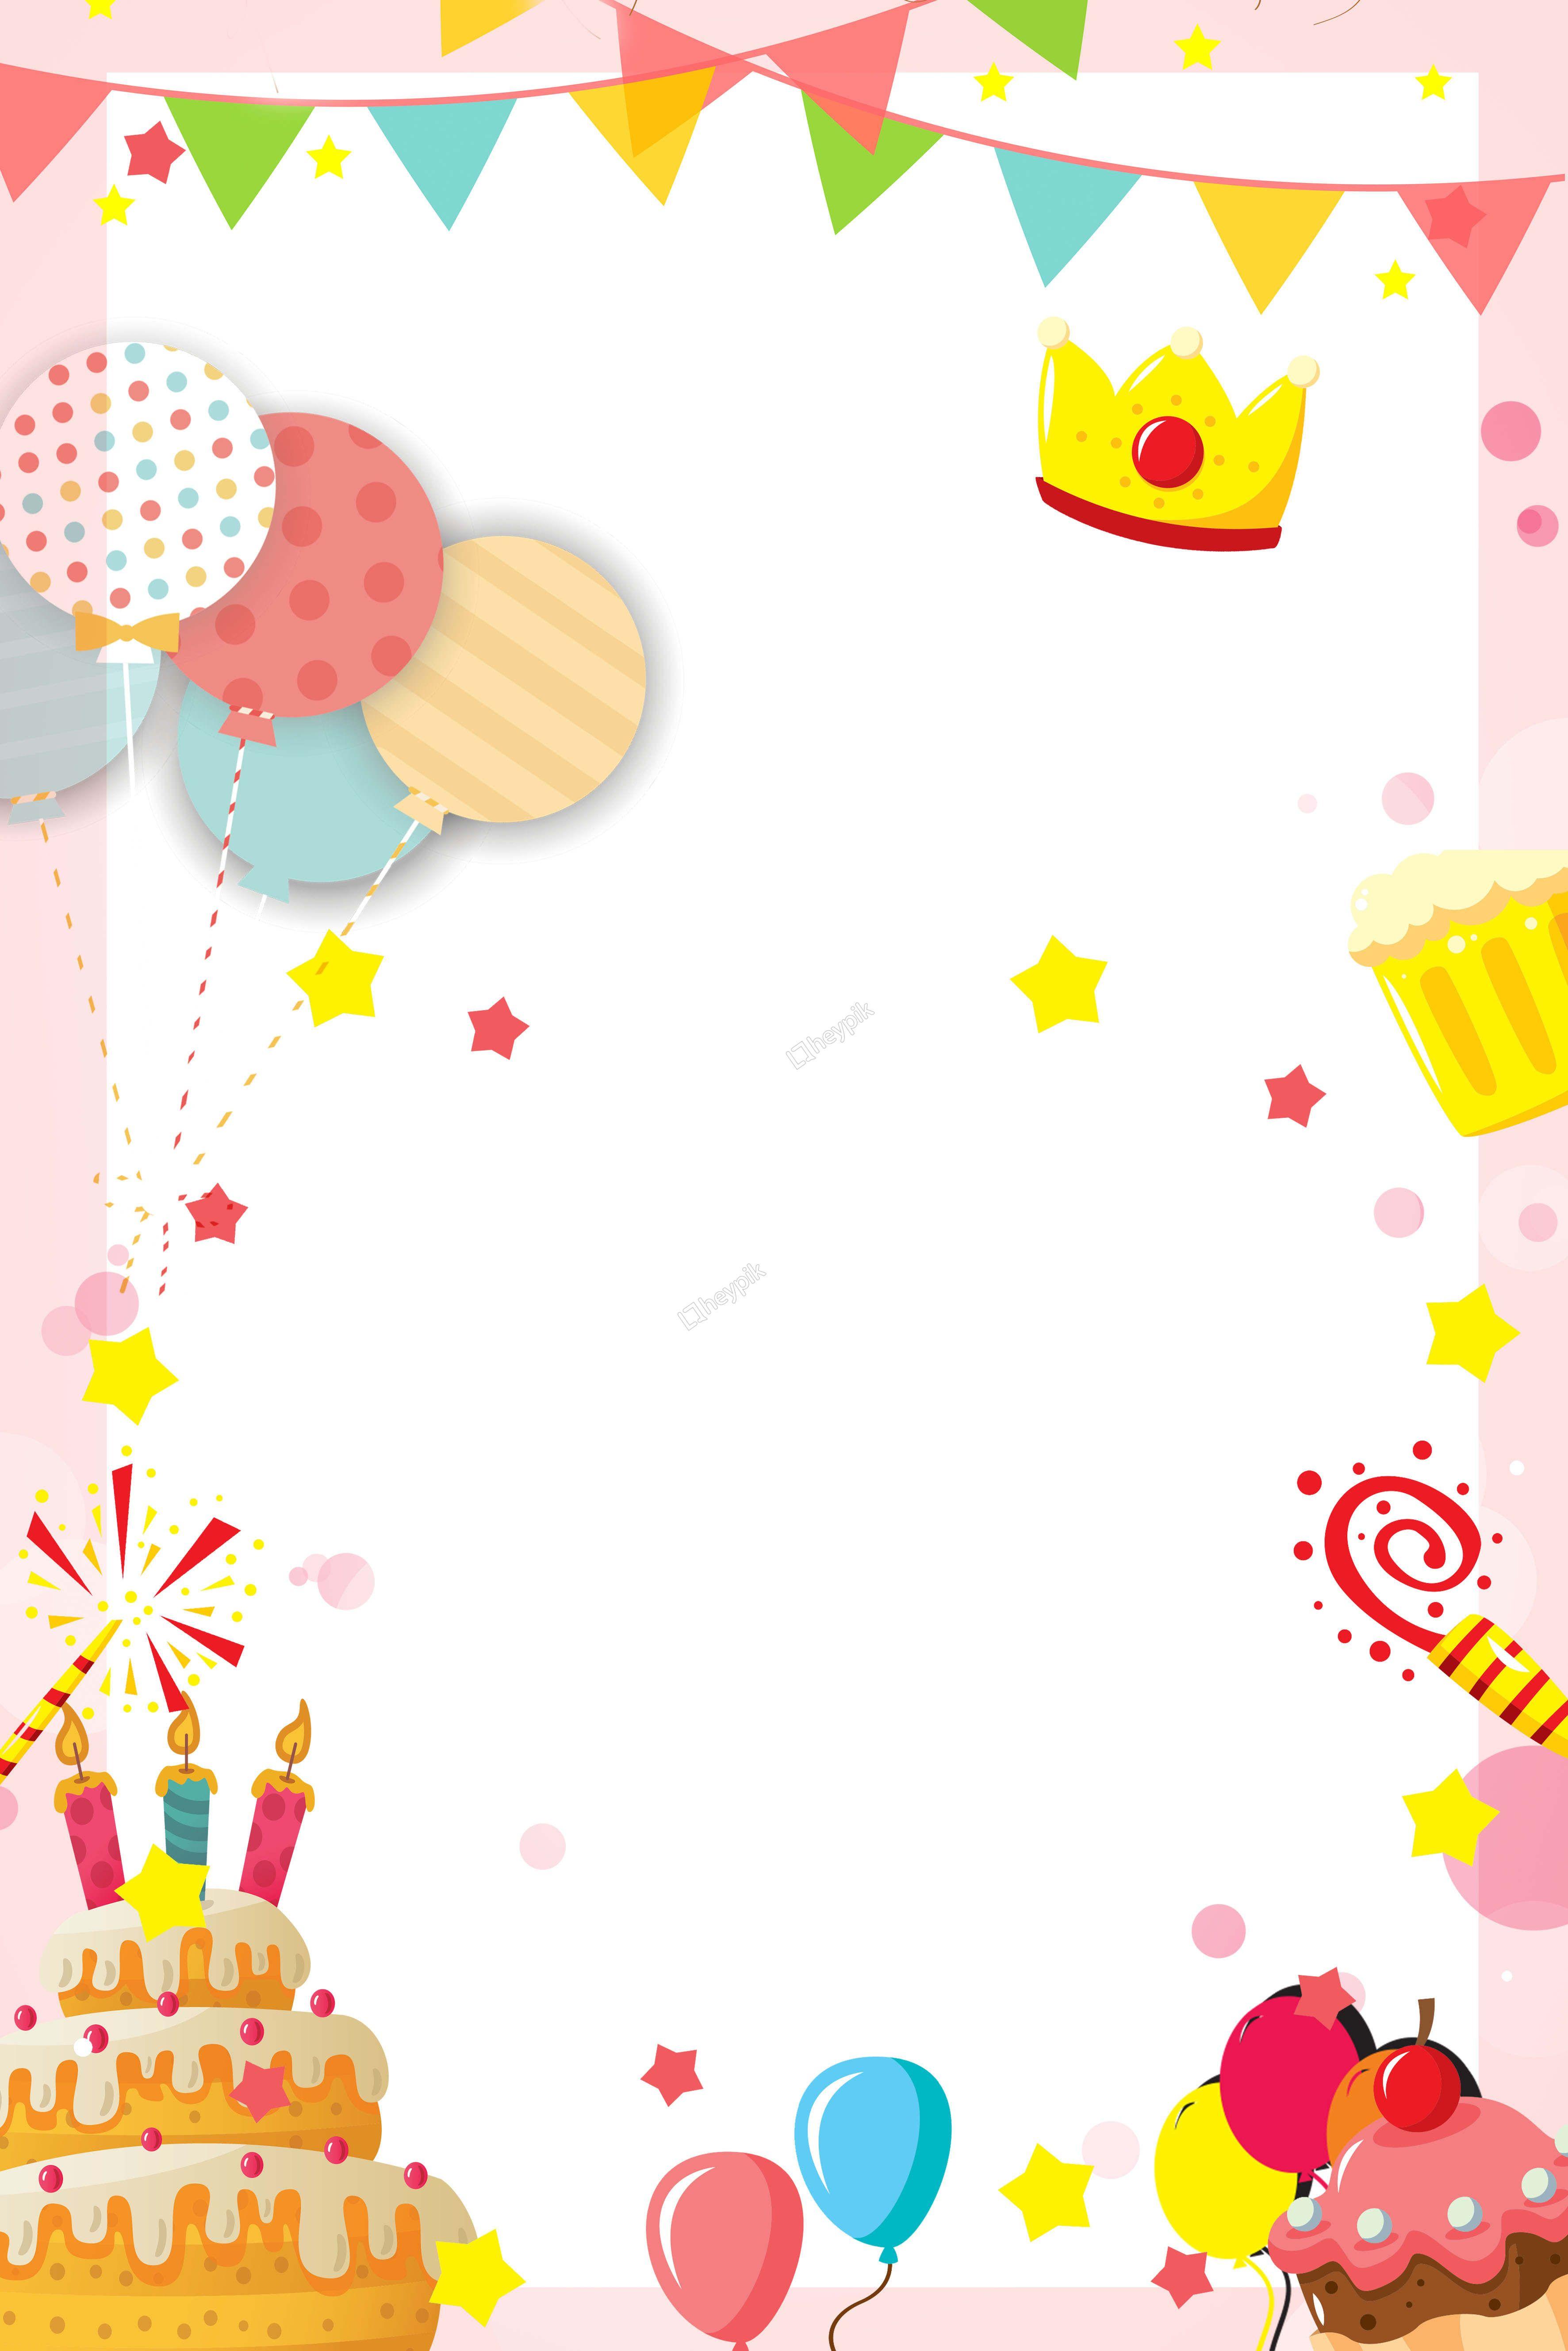 birthday invitation background.